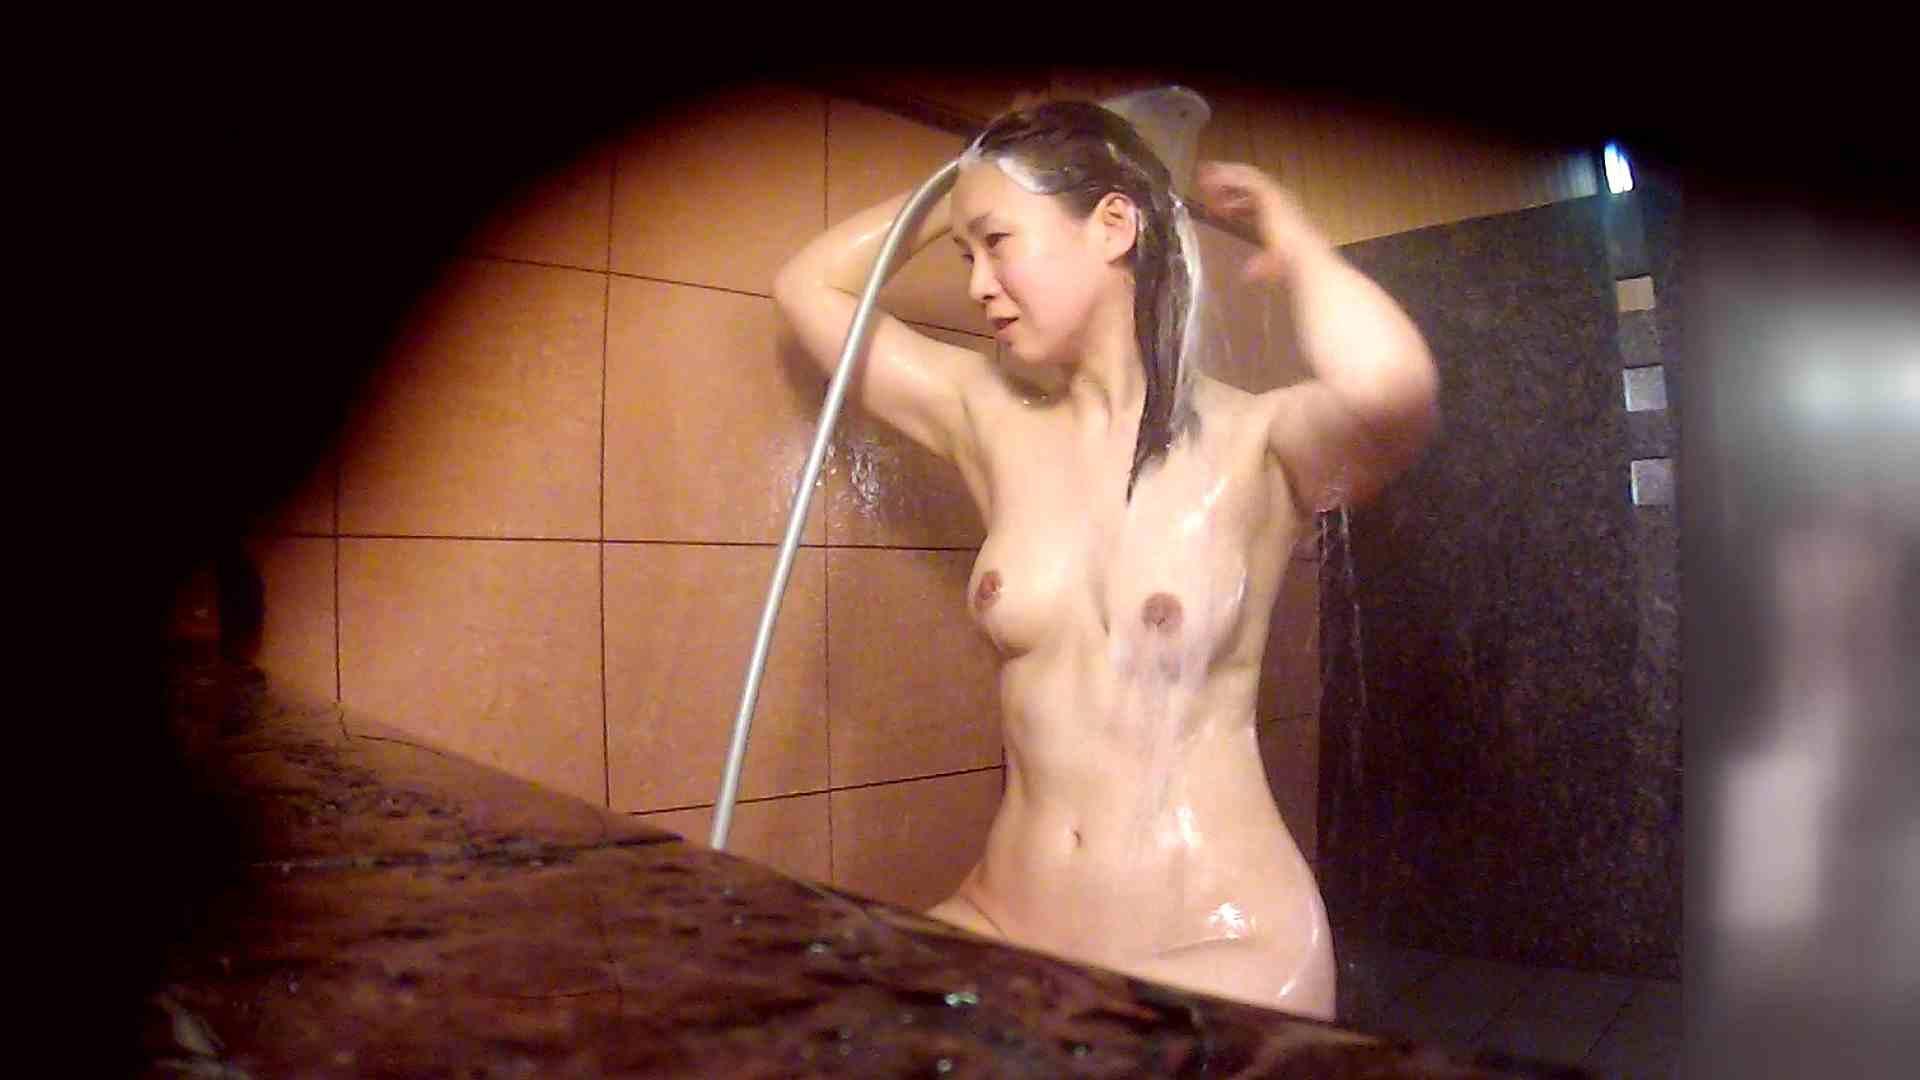 洗い場!マッスルお嬢さん!でもオッパイだけは柔らかそうです。 巨乳 | むっちり  108画像 43